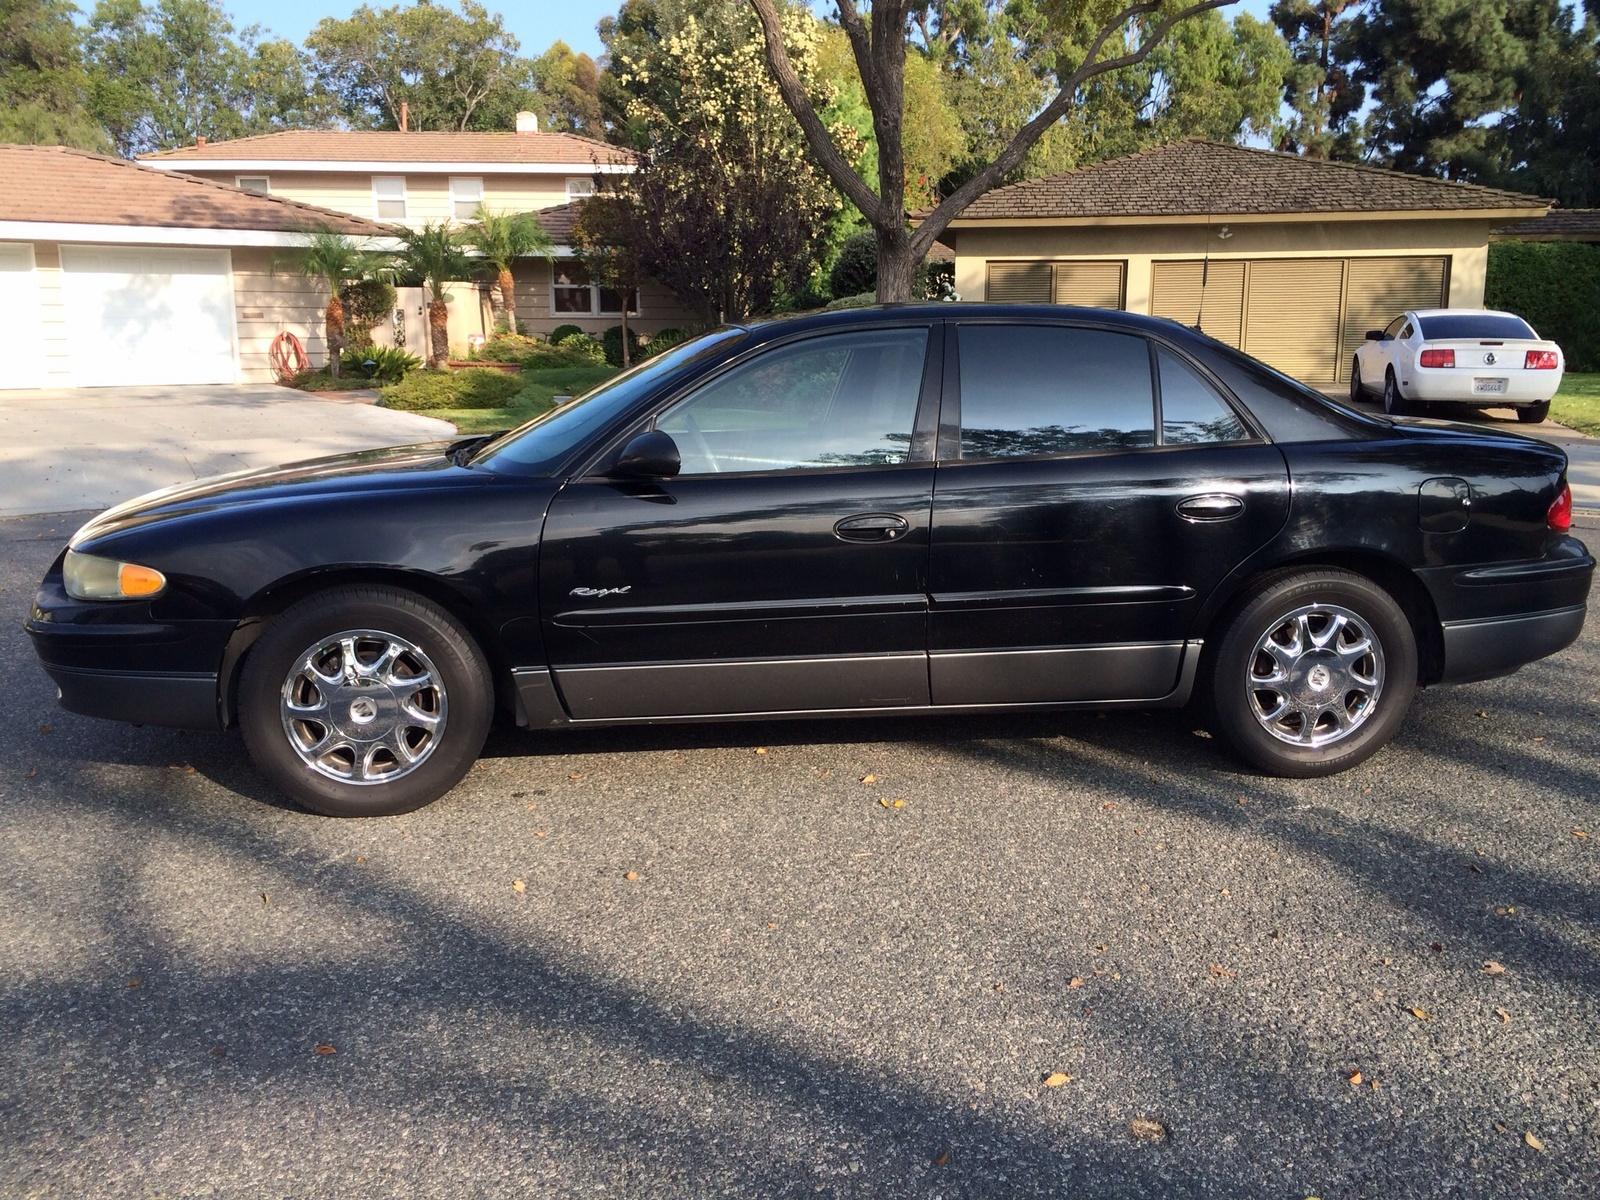 2001 Buick Regal Pictures Cargurus